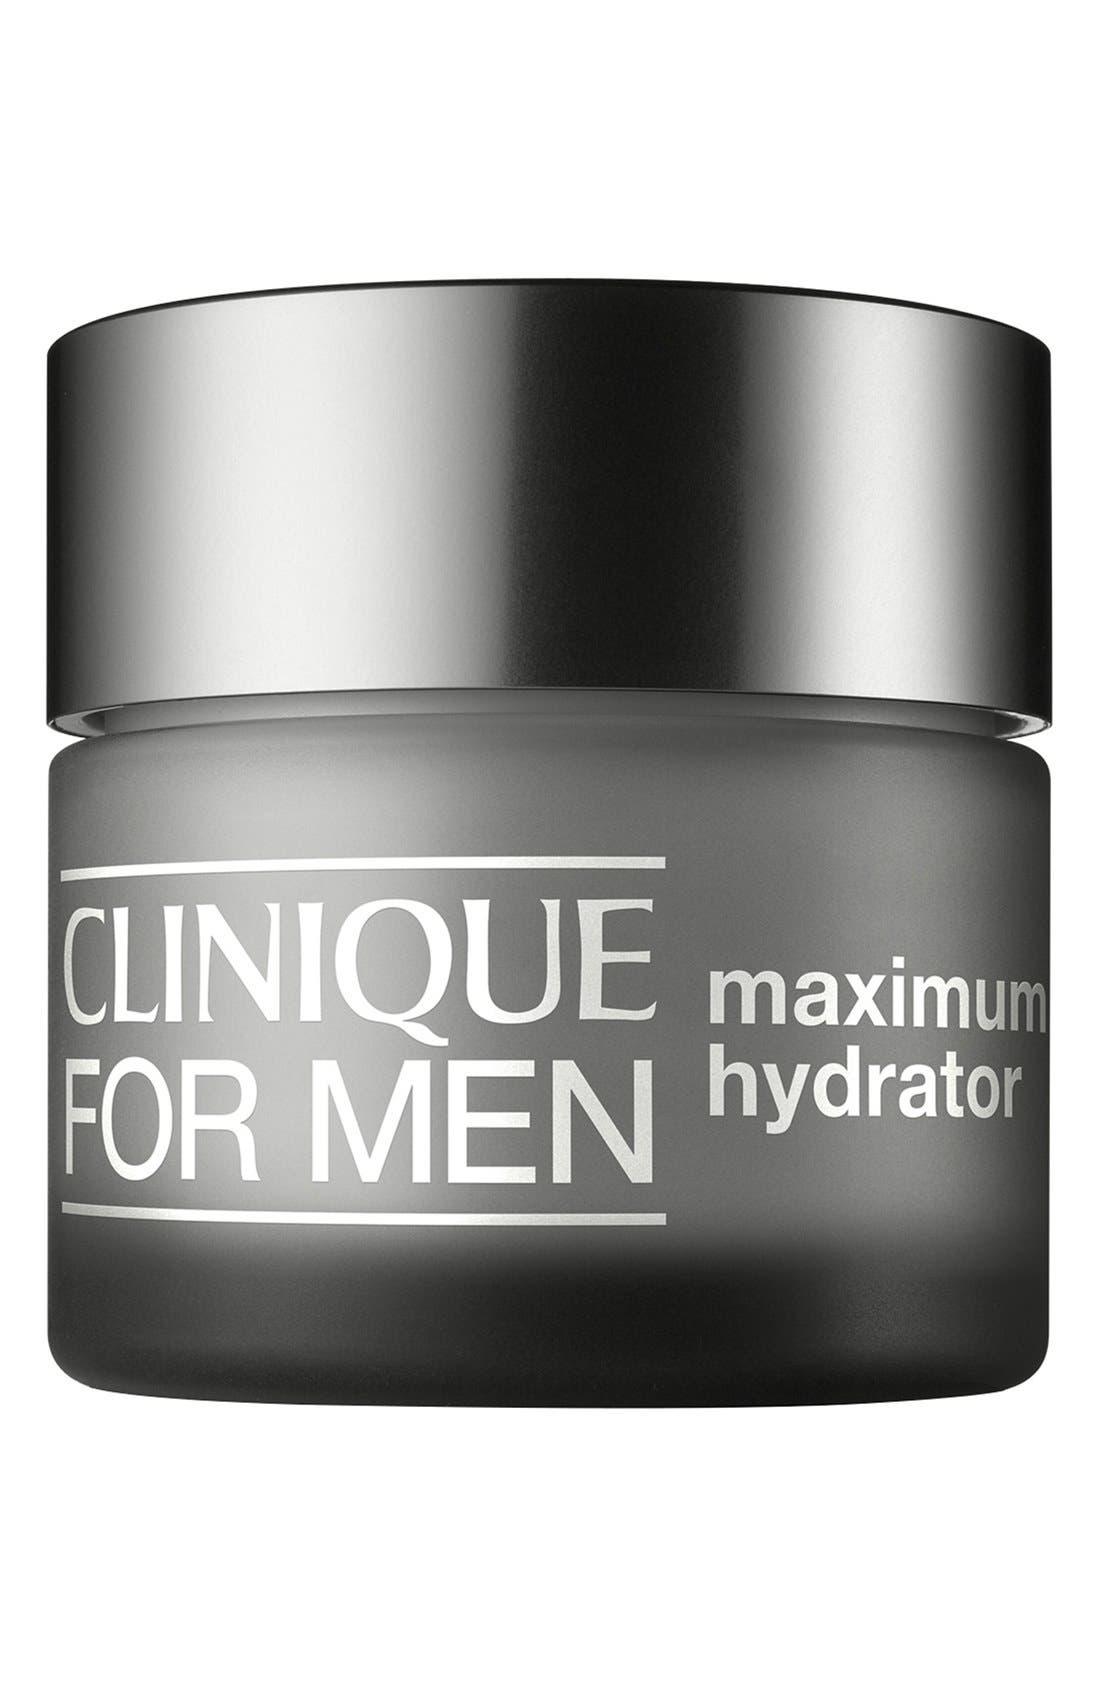 for Men Maximum Hydrator,                             Main thumbnail 1, color,                             000